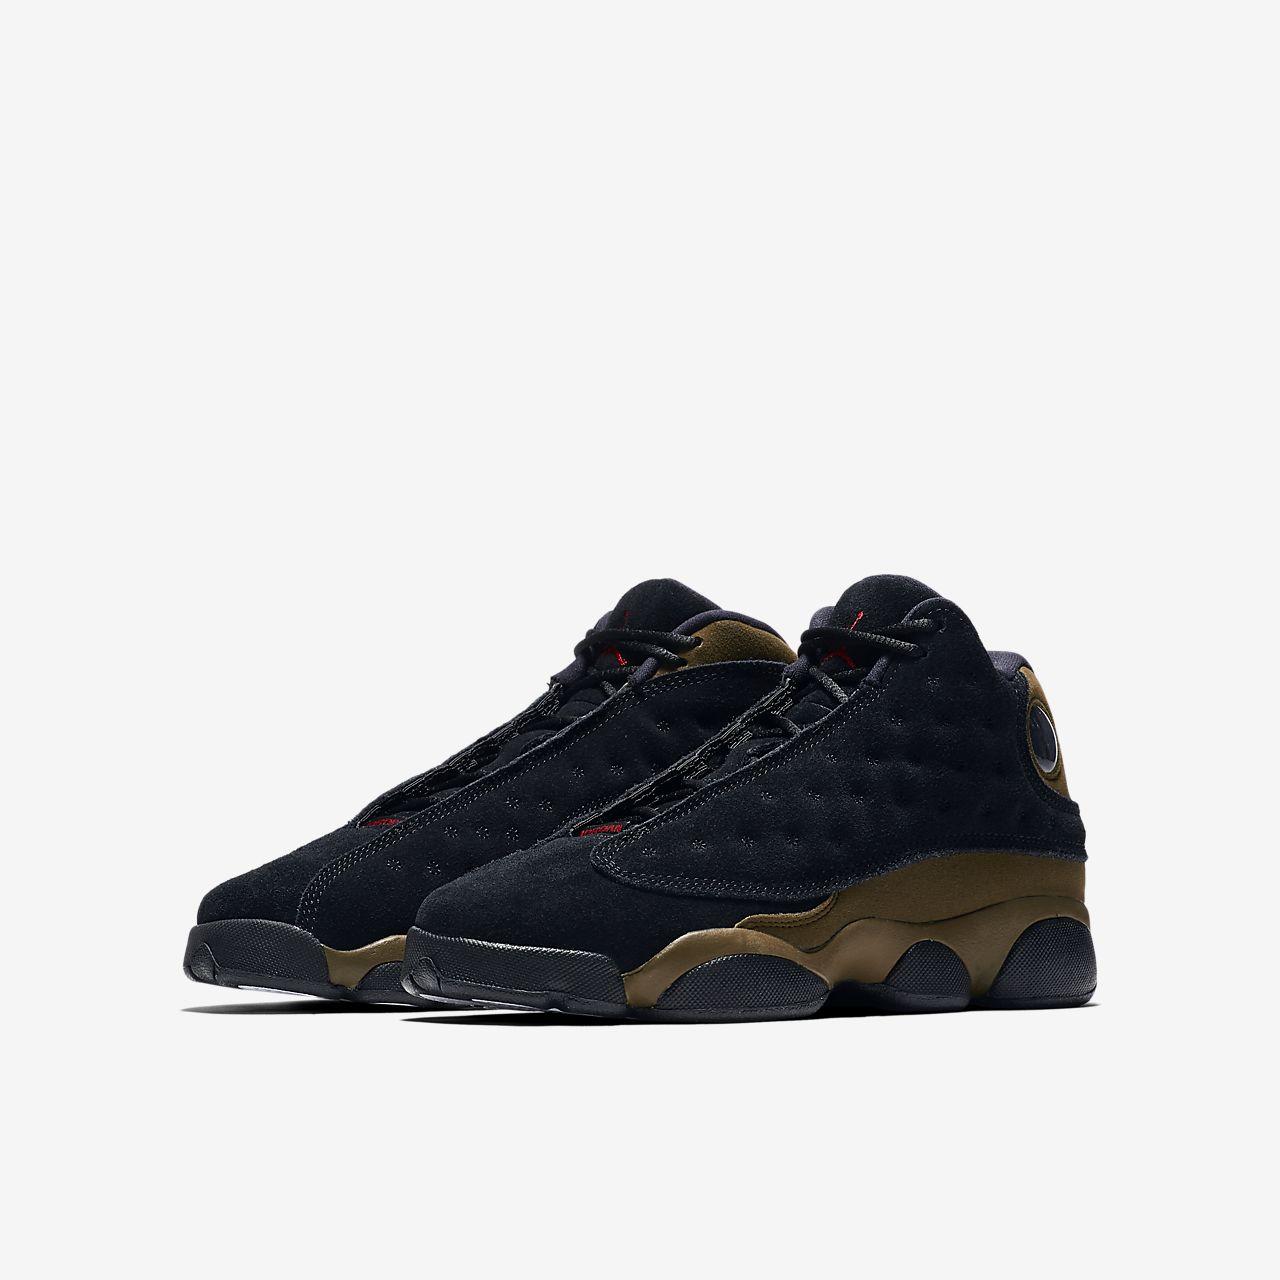 air jordan 13 retro big kids' shoe